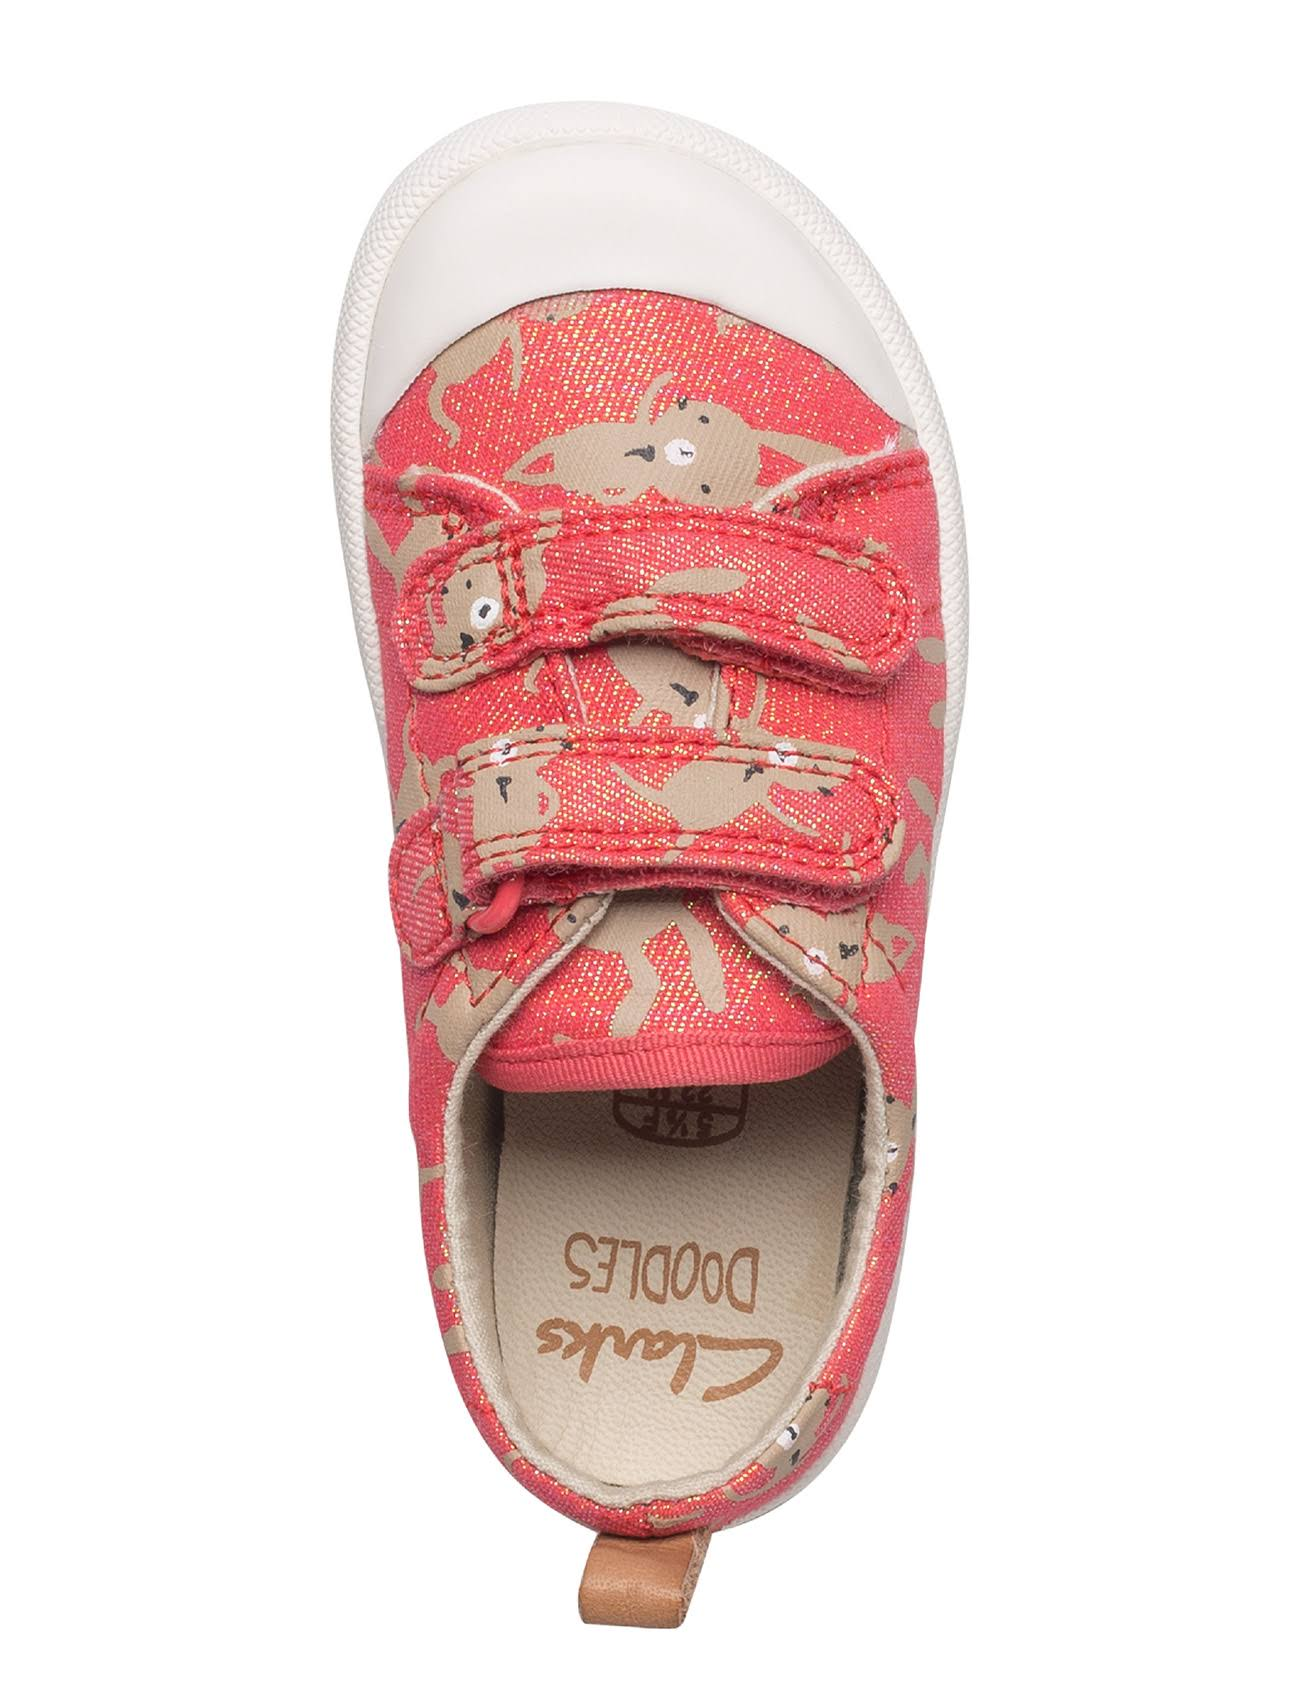 Corallo Clarks Rosso Unisex Halcy Hati Sneaker Bambini deBroQCxW